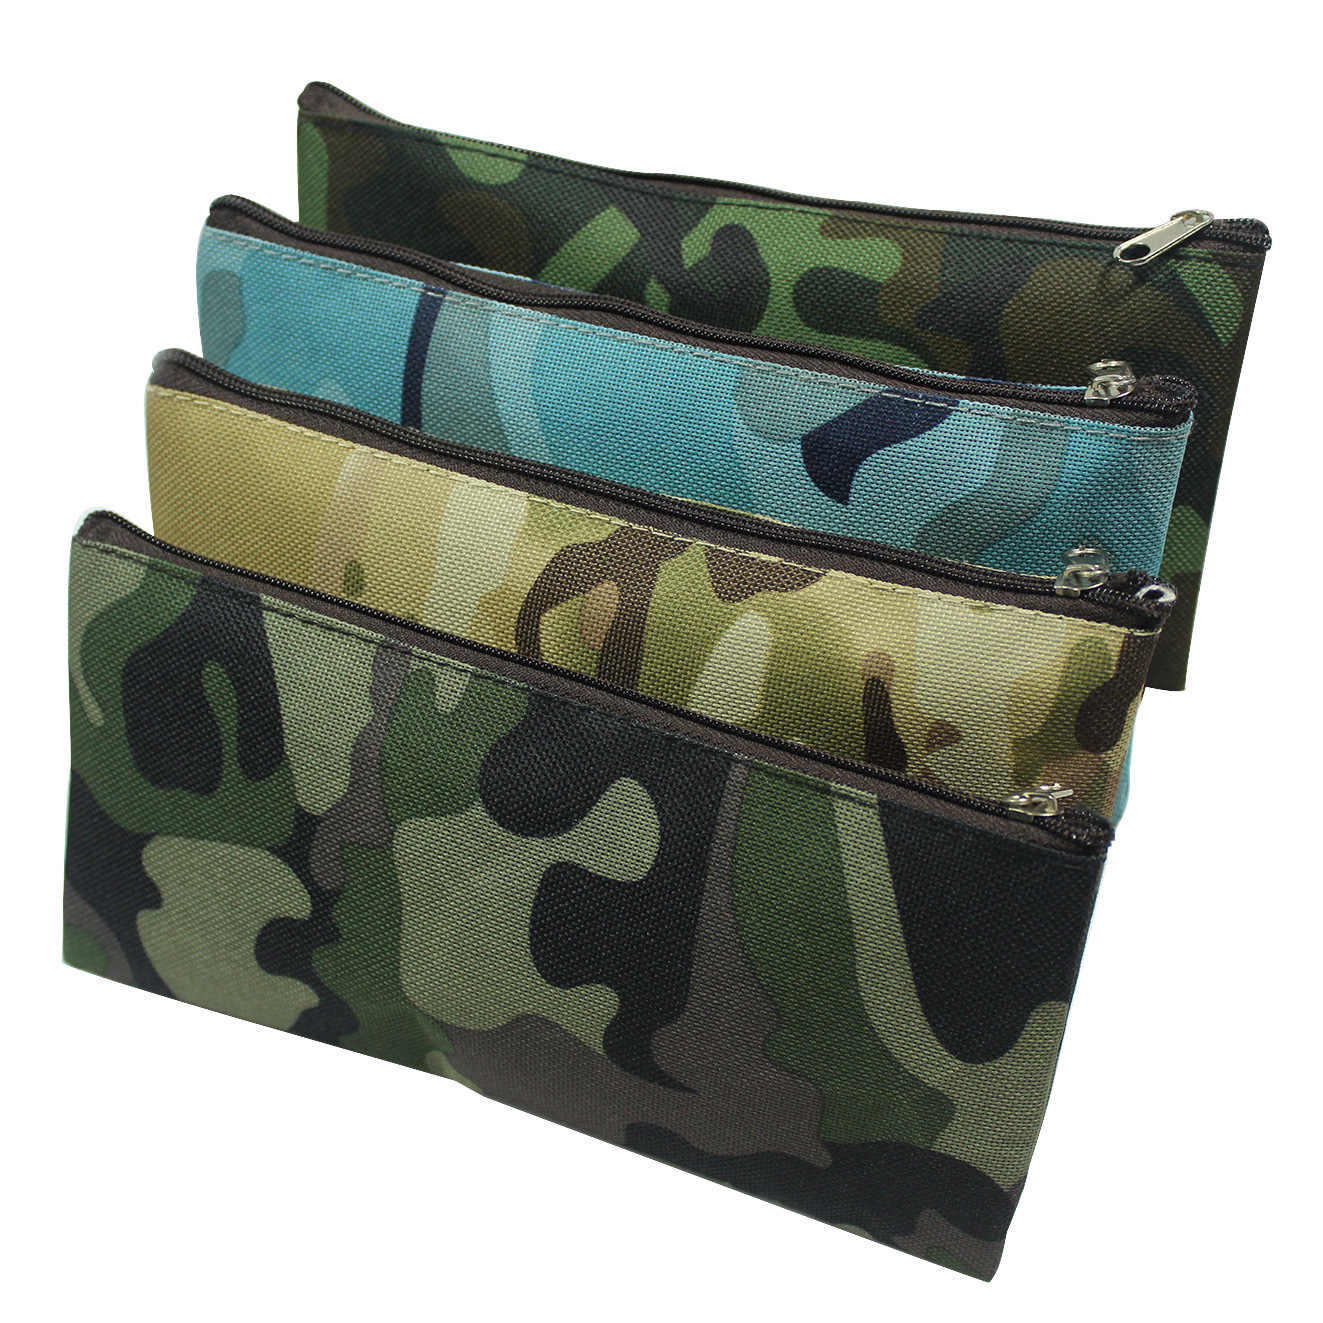 Camuflagem Caixa de Lápis Saco do Lápis Para Meninos e Meninas Material Escolar Sacos de Maquiagem Cosméticos Zipper Pouch Bolsa 4 Cores